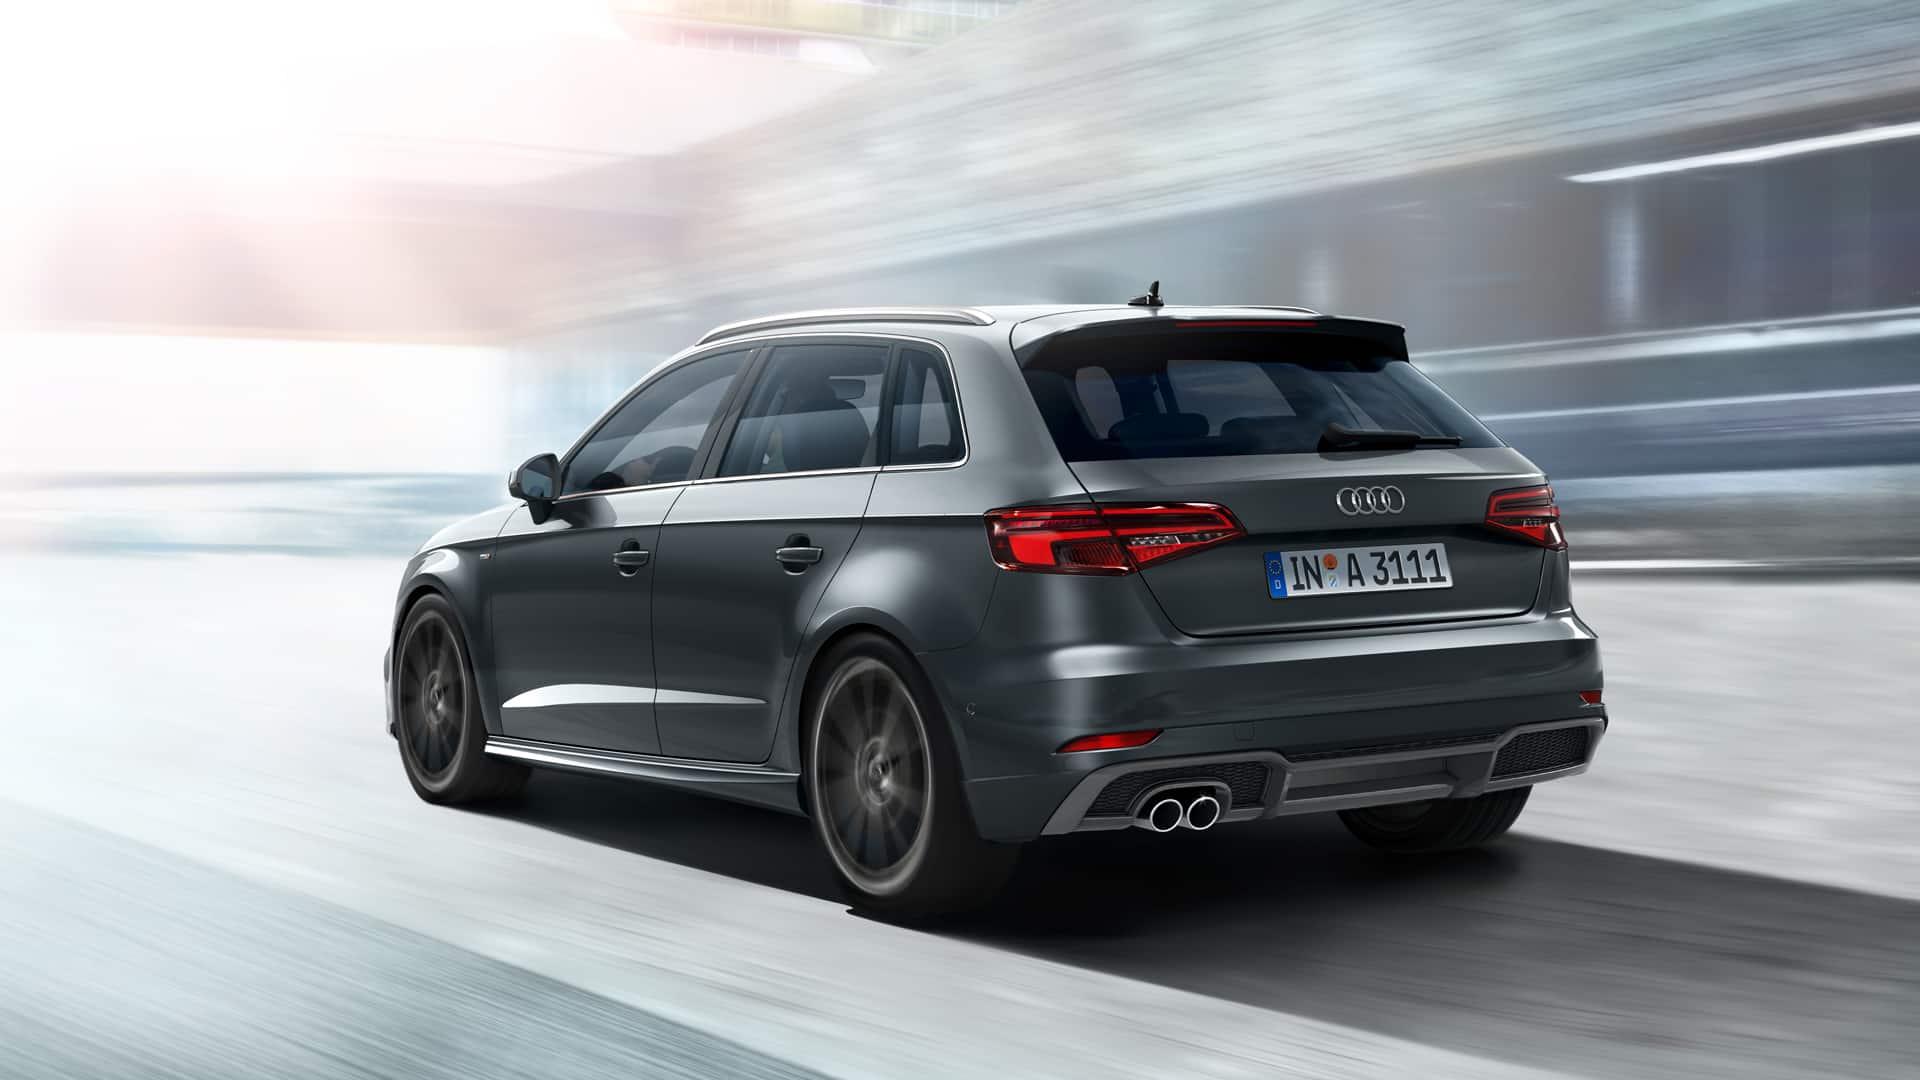 4689cf1ee0d Audi A3 Sportback er udstyret med en iøjnefaldende kombination af baglygter  med individuel baglygtegrafik. Desuden er LED- og Audi  Matrix-LED-forlygterne ...